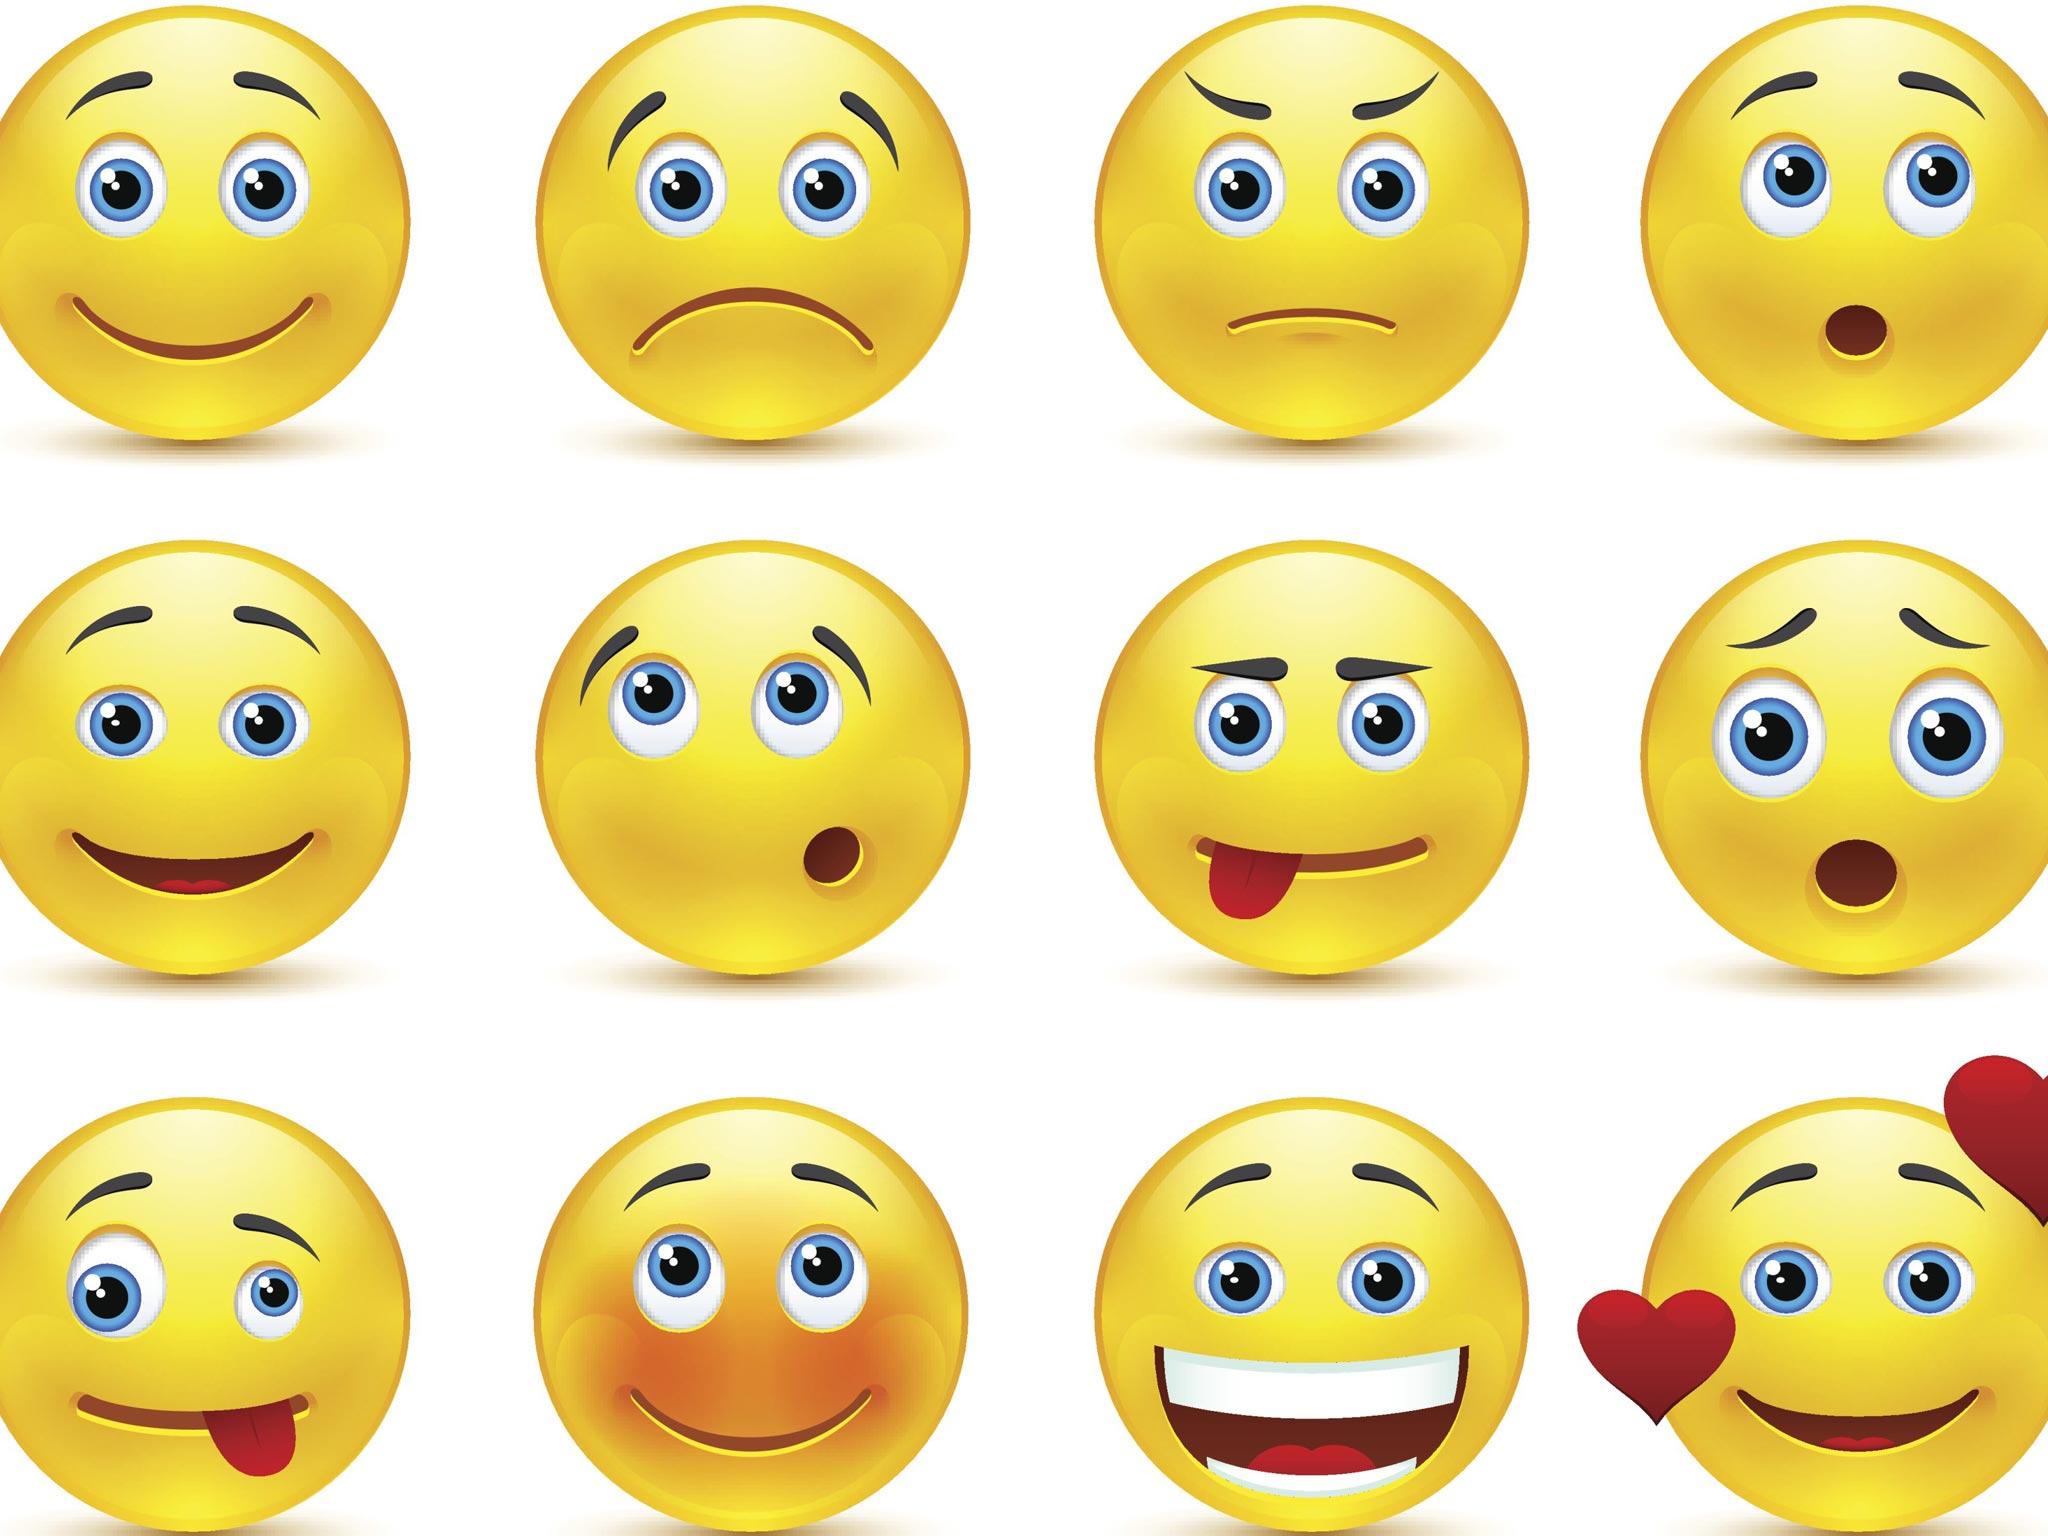 Картинки смайлы с эмоциями